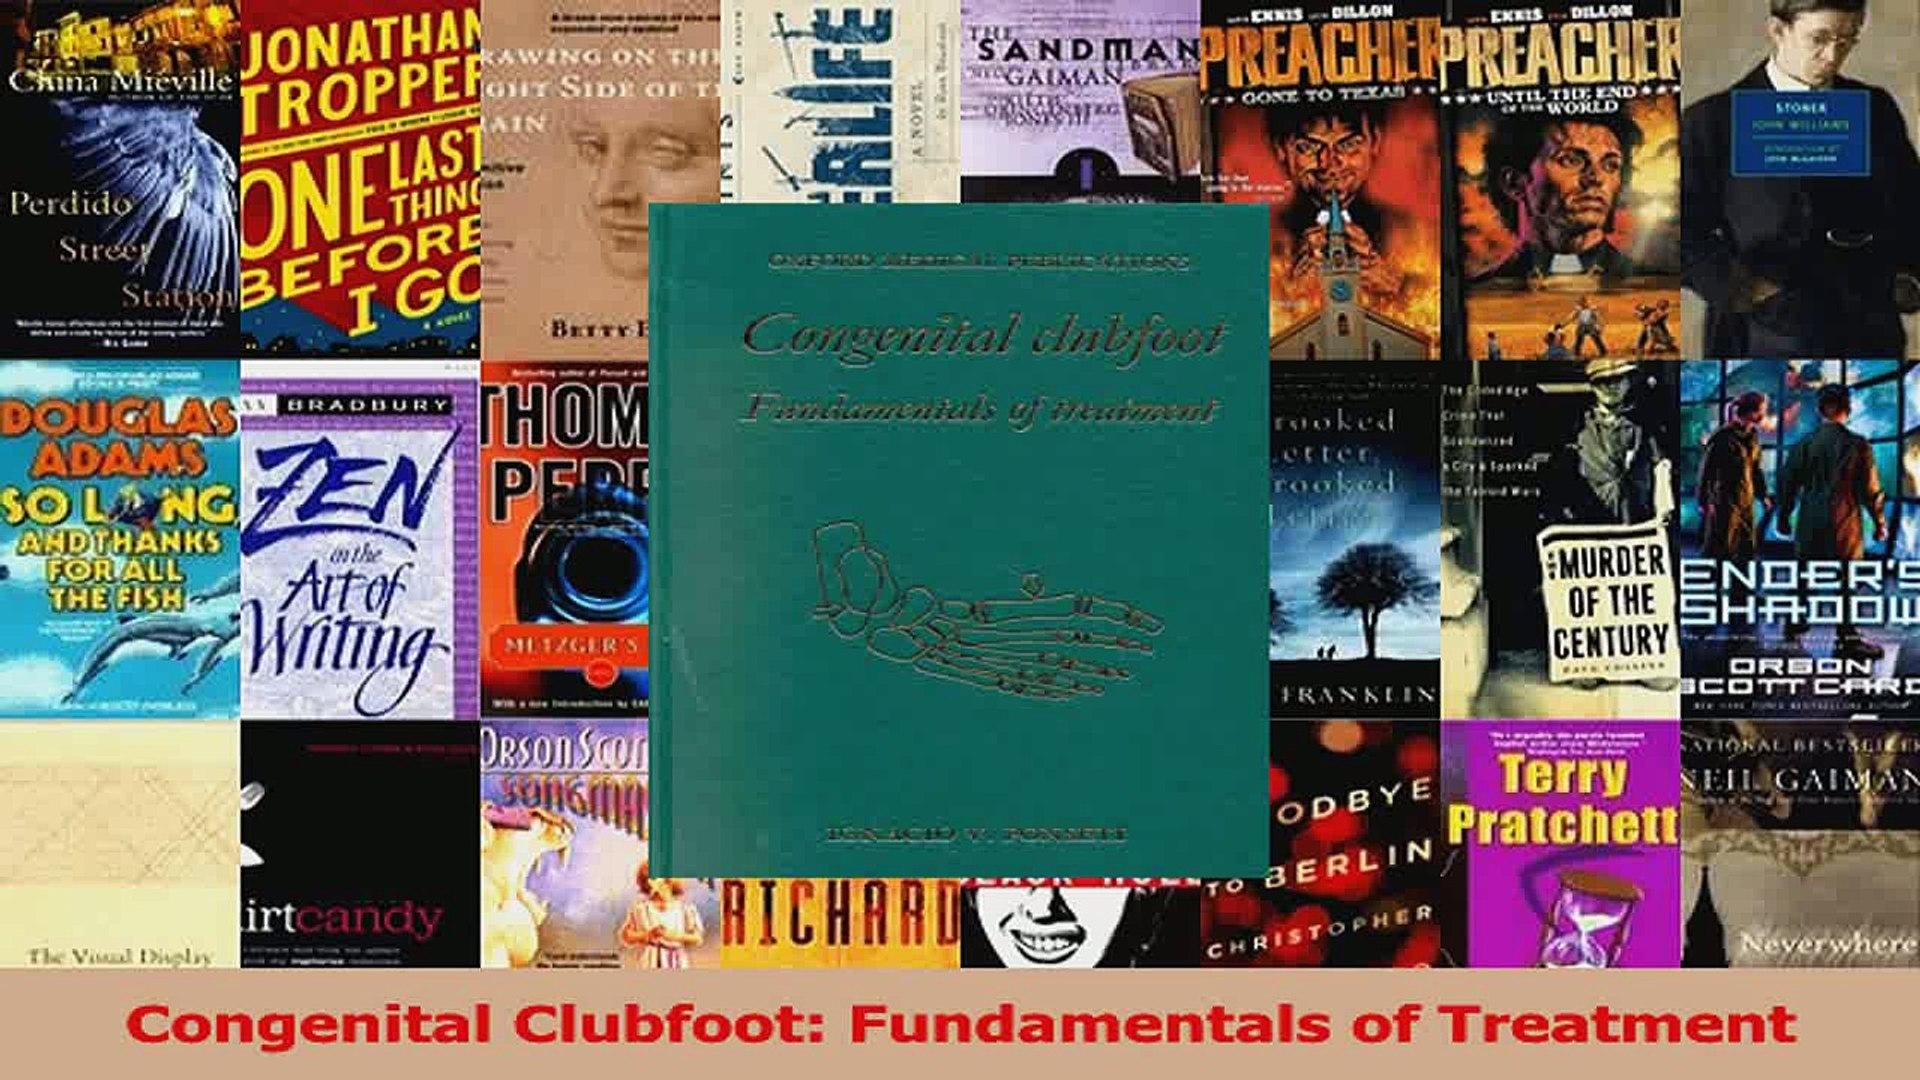 Congenital Clubfoot: Fundamentals of Treatment